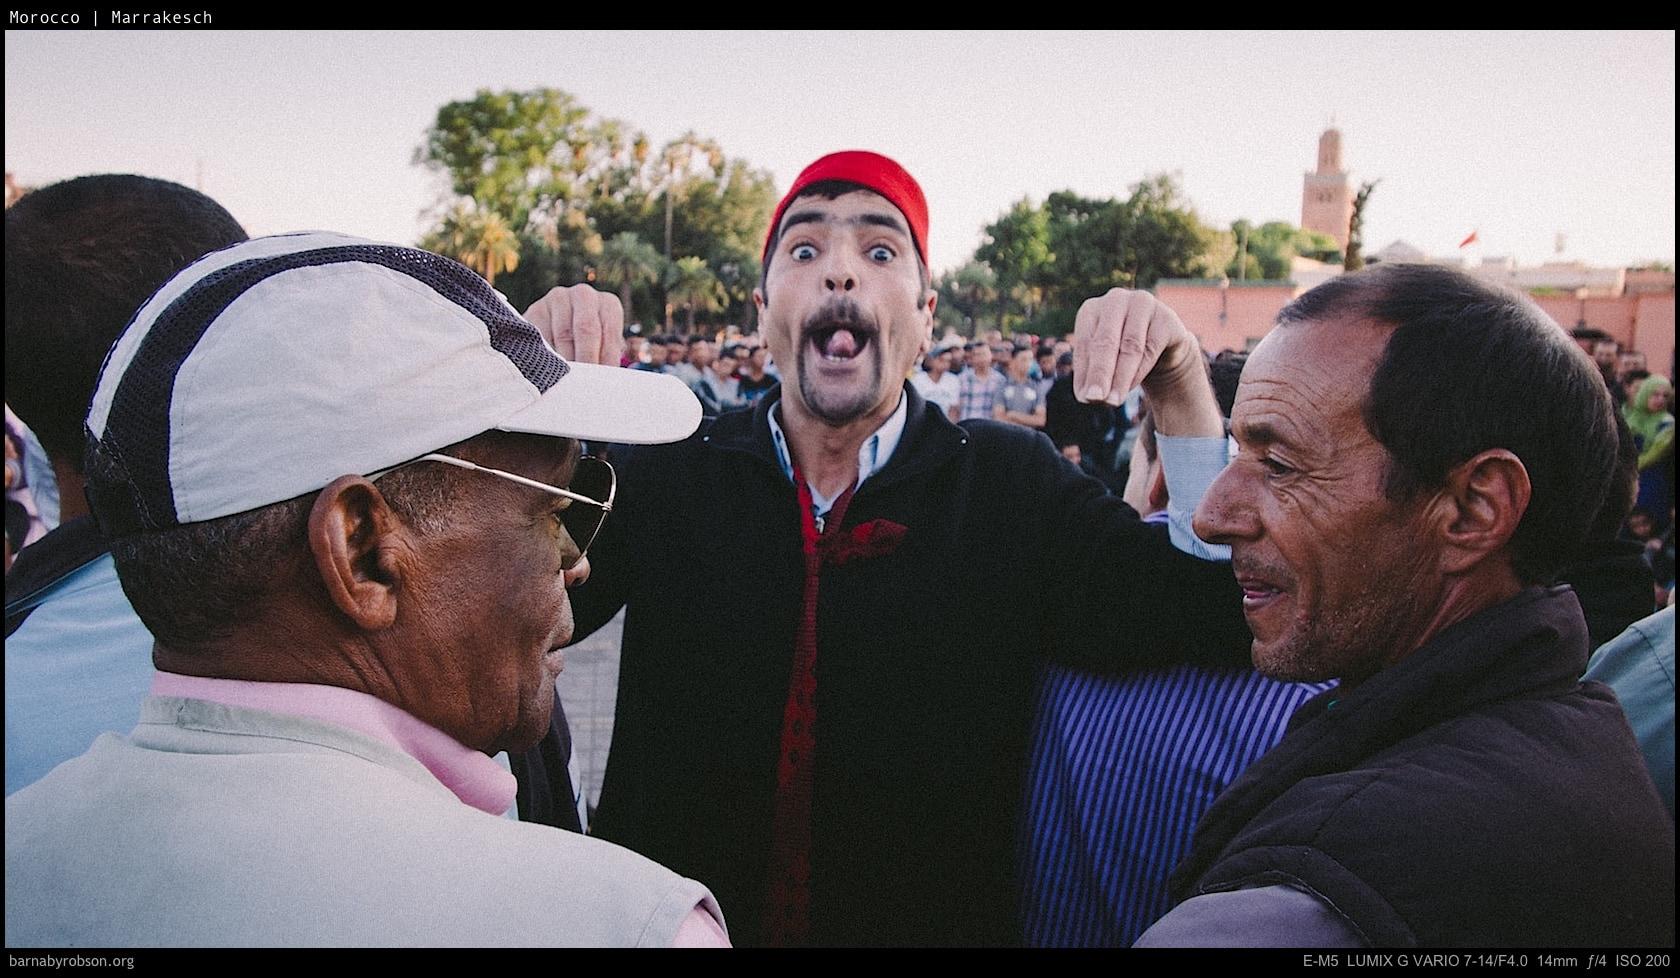 no crop 1680_Marrakech_ 028_